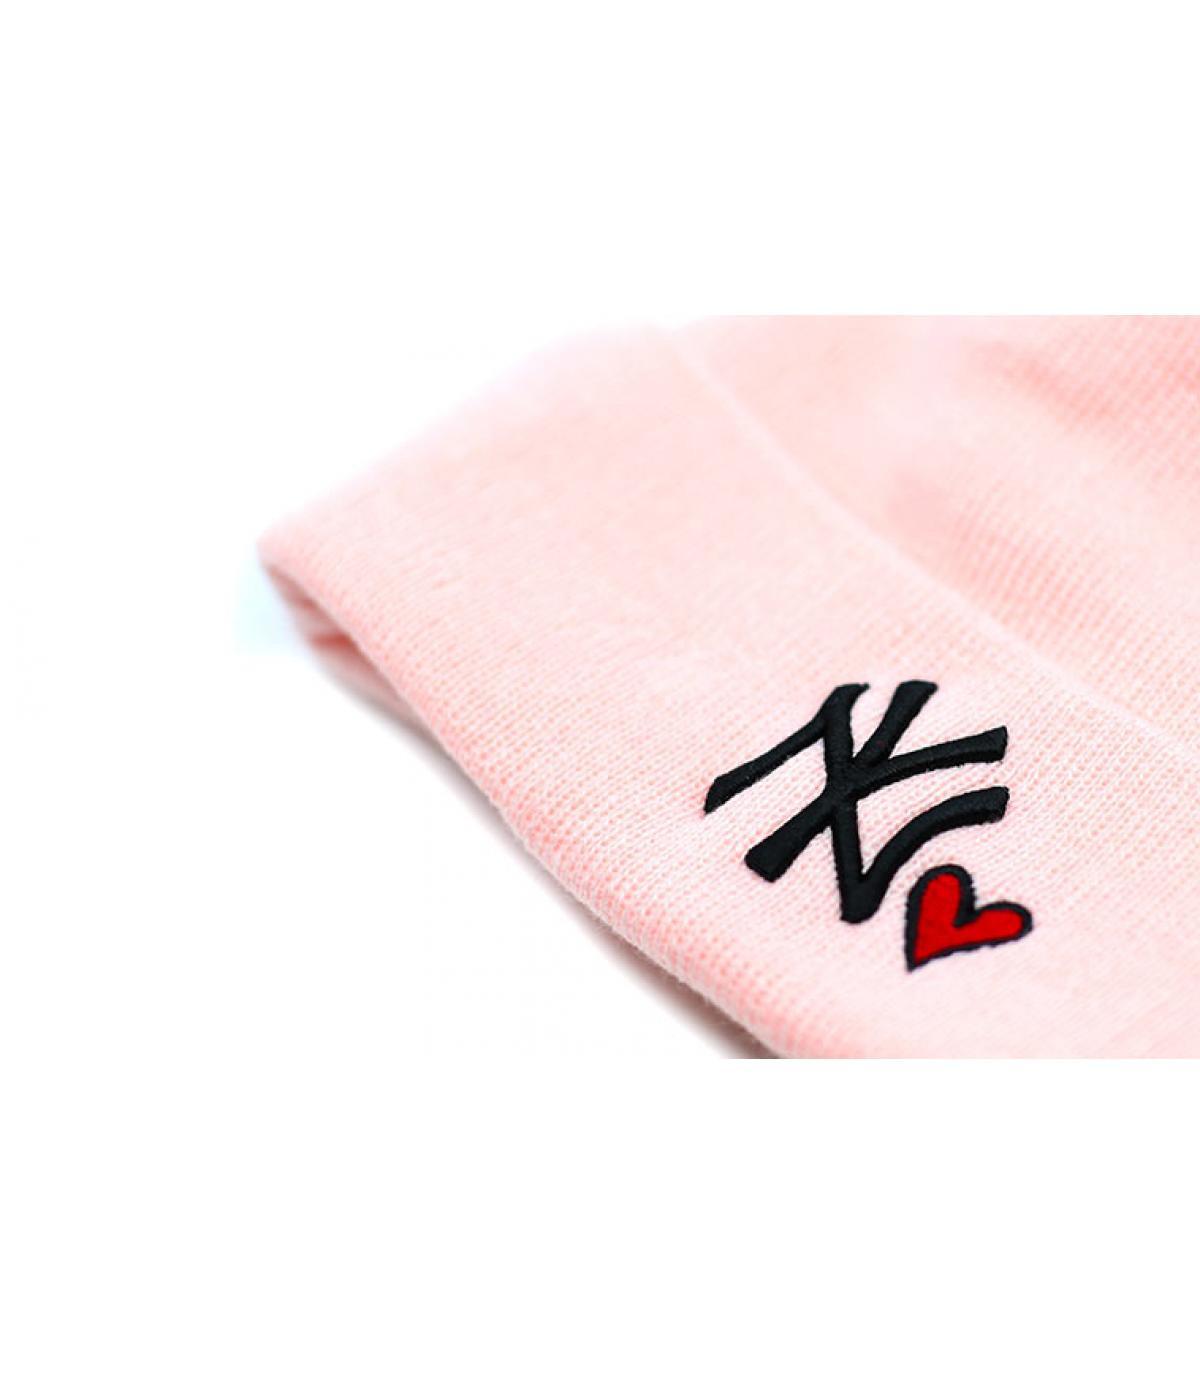 Details Mütze Wmns Heart NY knit pink - Abbildung 3